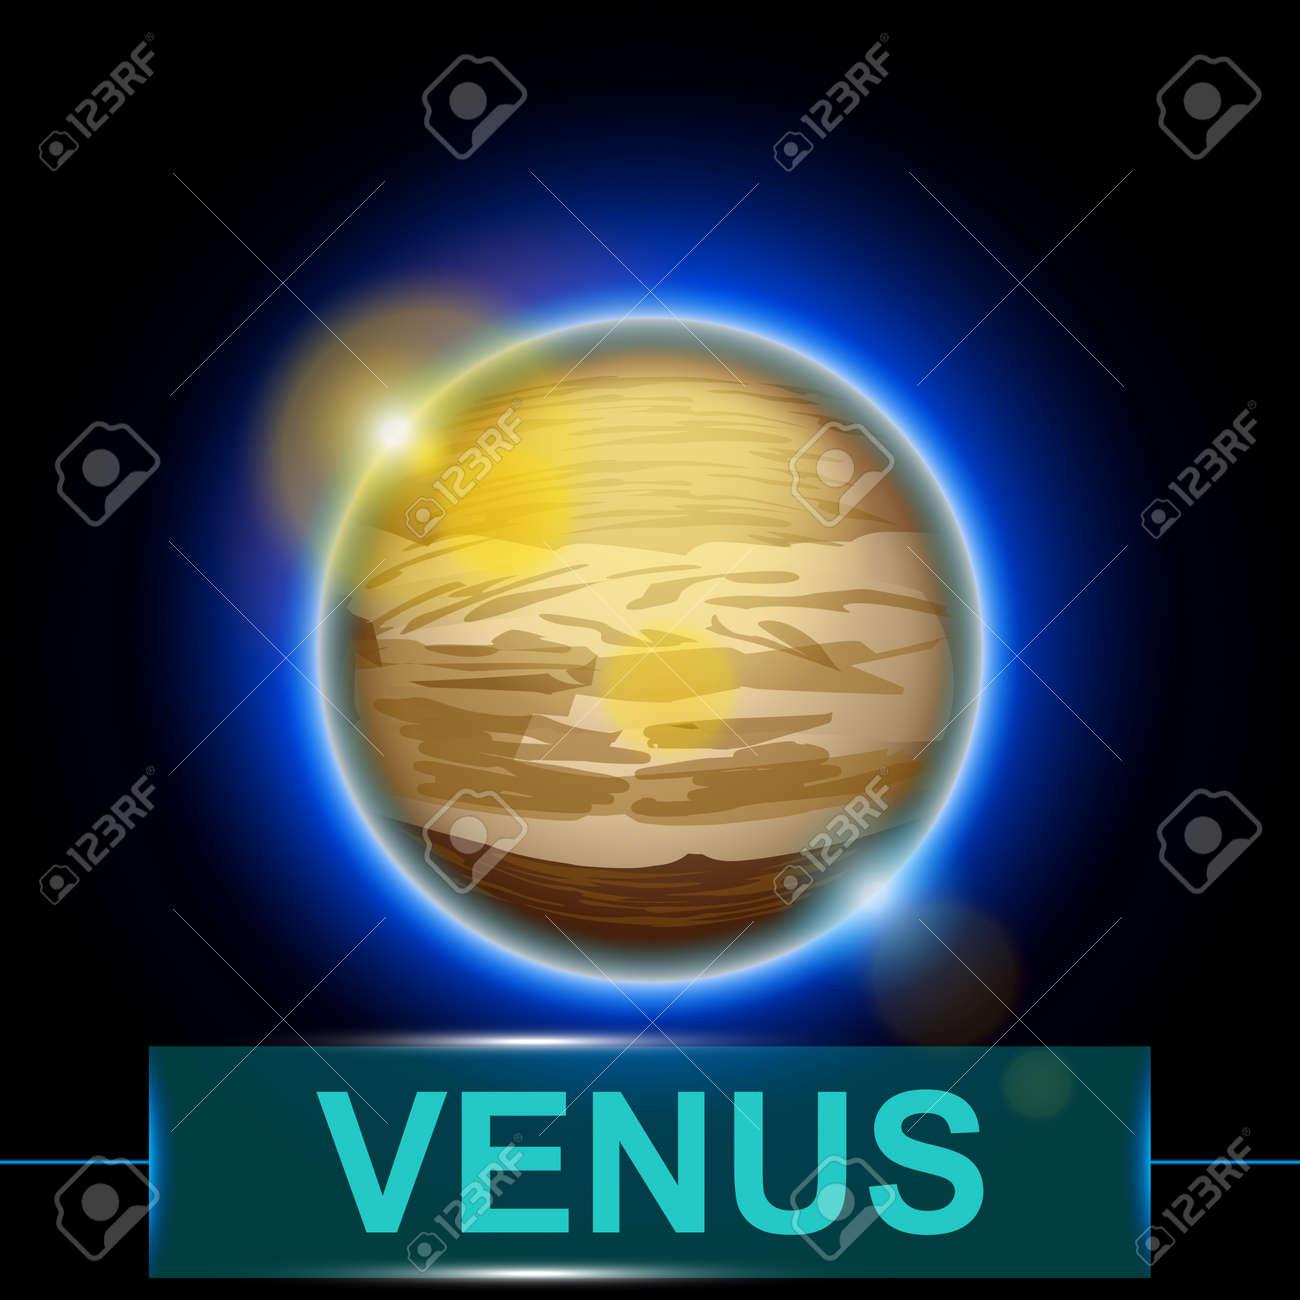 Illustration of planet venus on dark background with shine illustration of planet venus on dark background with shine 40189693 voltagebd Choice Image